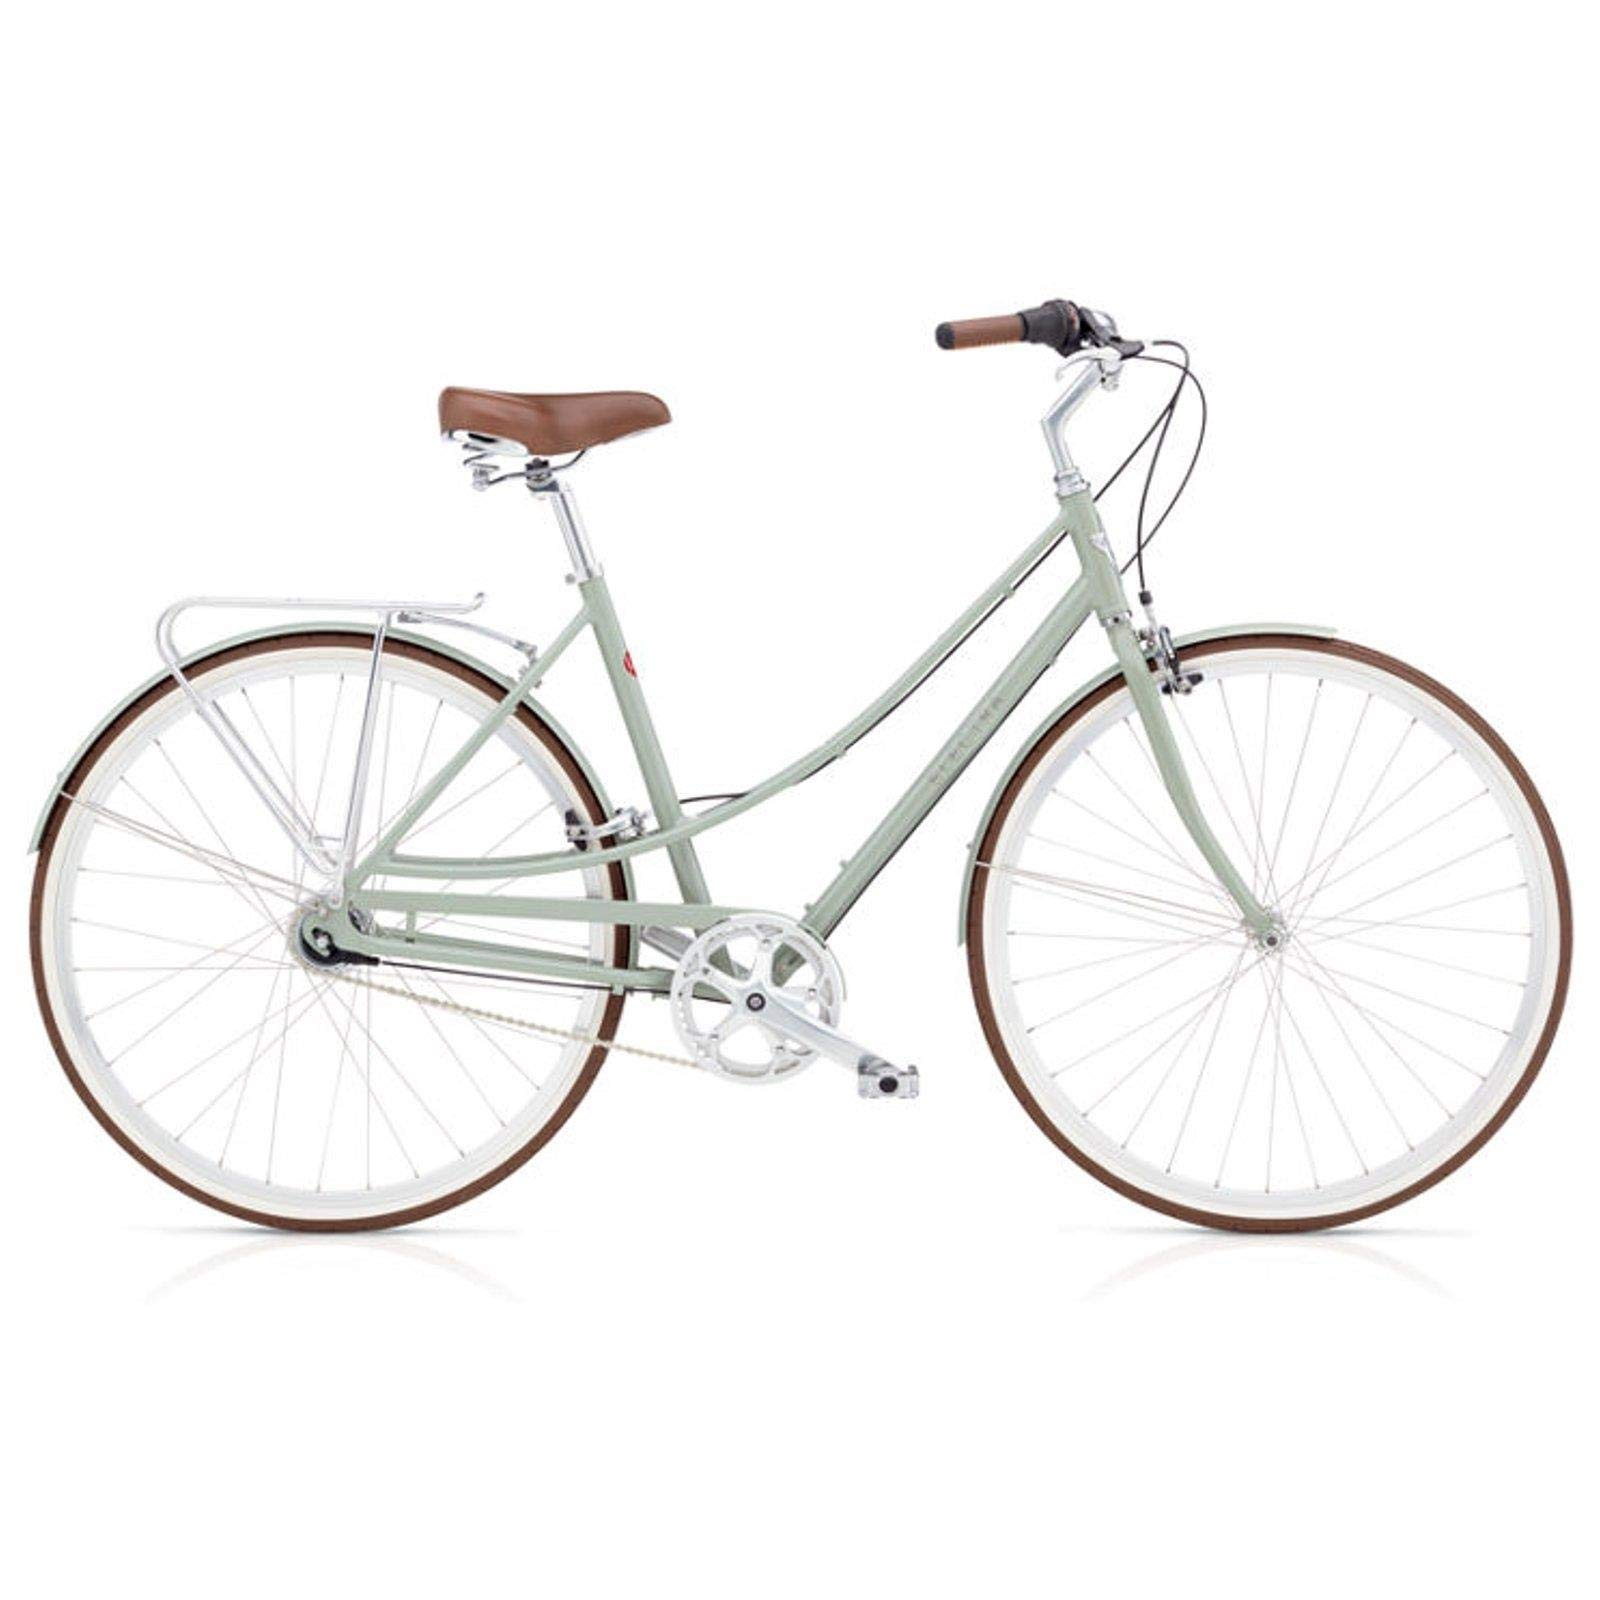 Electra Loft 7i Mujer bicicleta Ciudad, Urban City aluminio Retro 700 C Clásico, 53750, color verde, tamaño small: Amazon.es: Deportes y aire libre